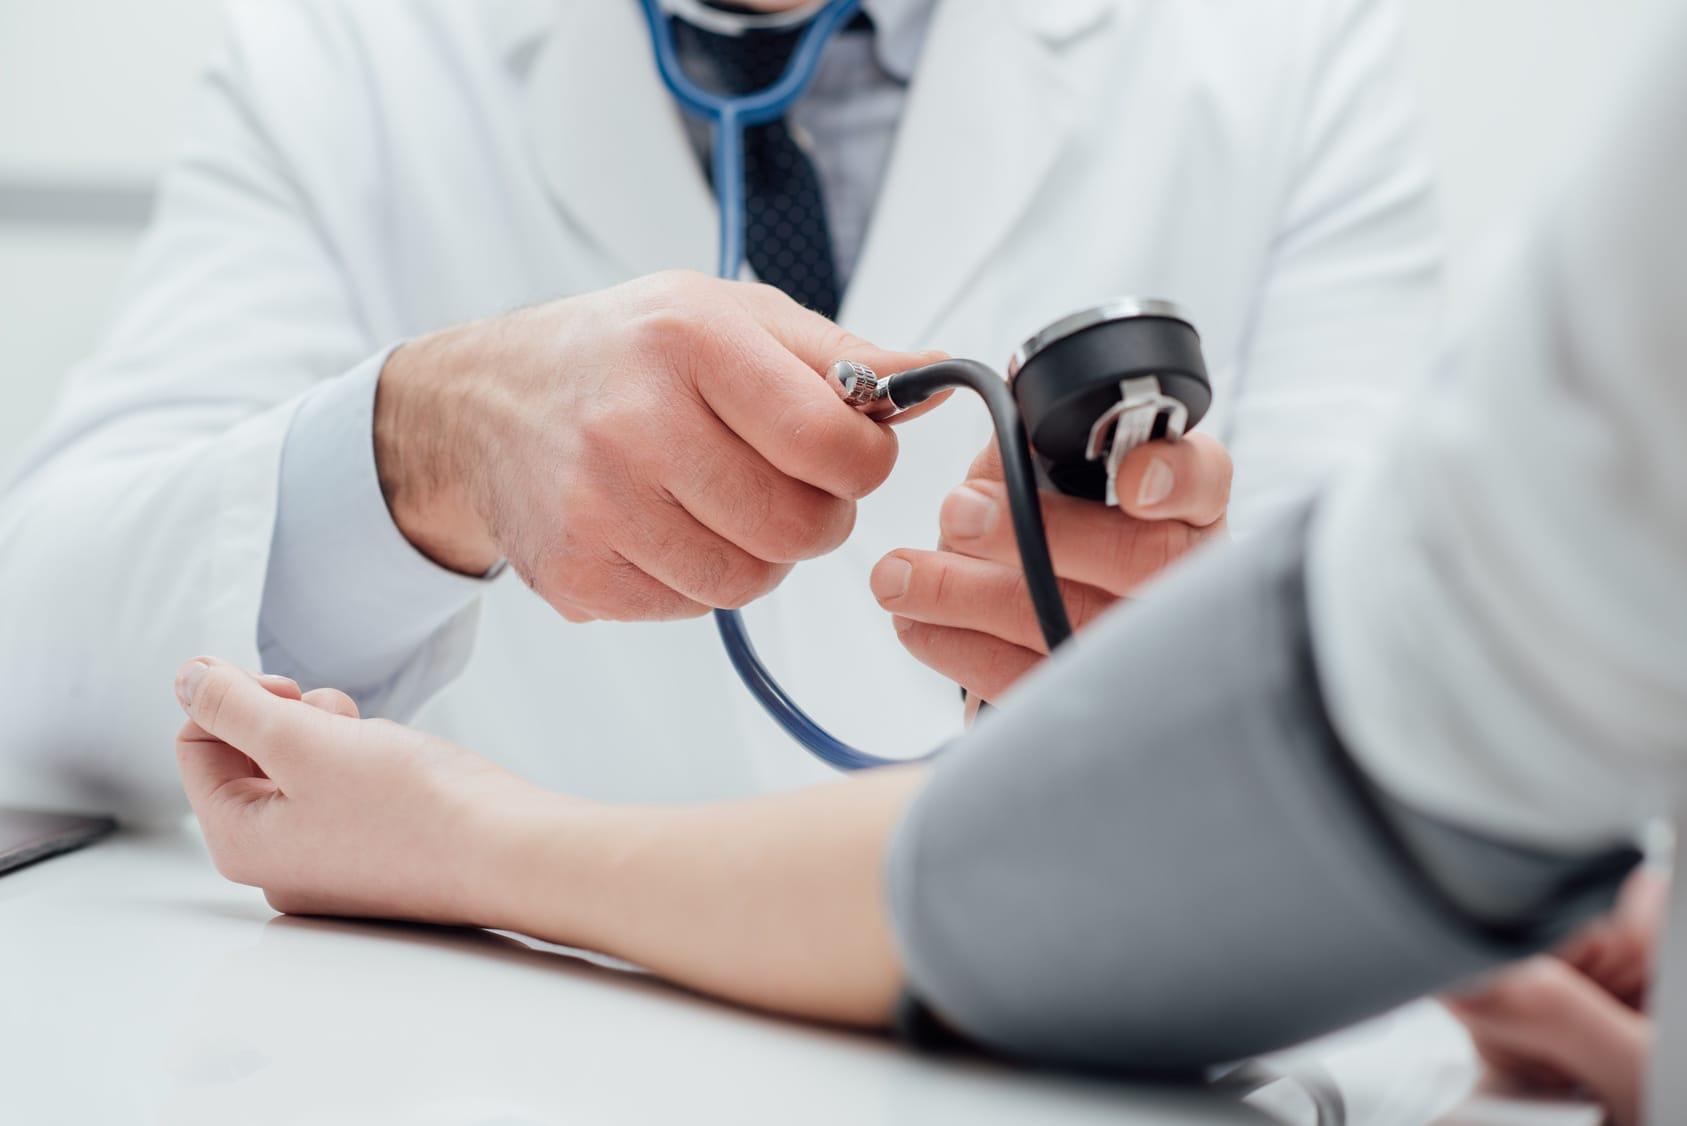 Niedriger Blutdruck – Diese Hausmittel können helfen